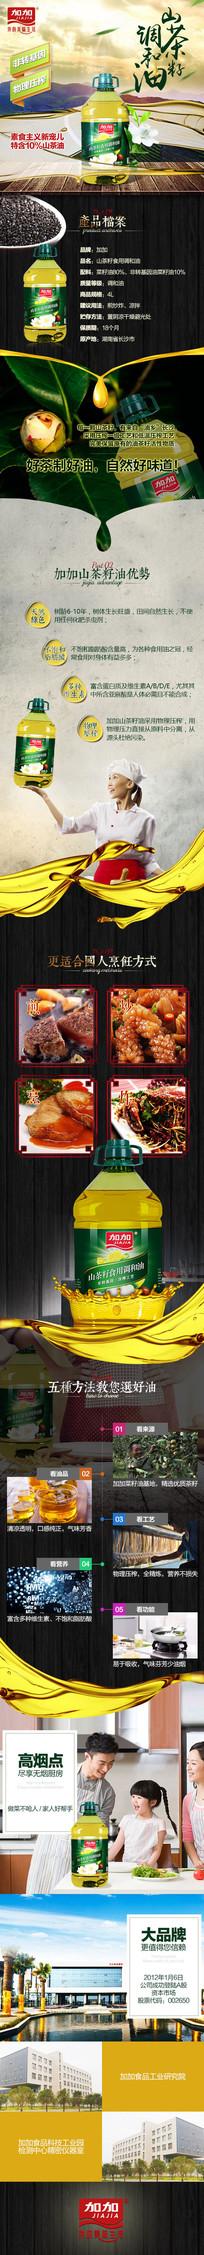 菜籽油橄榄油茶籽油详情页